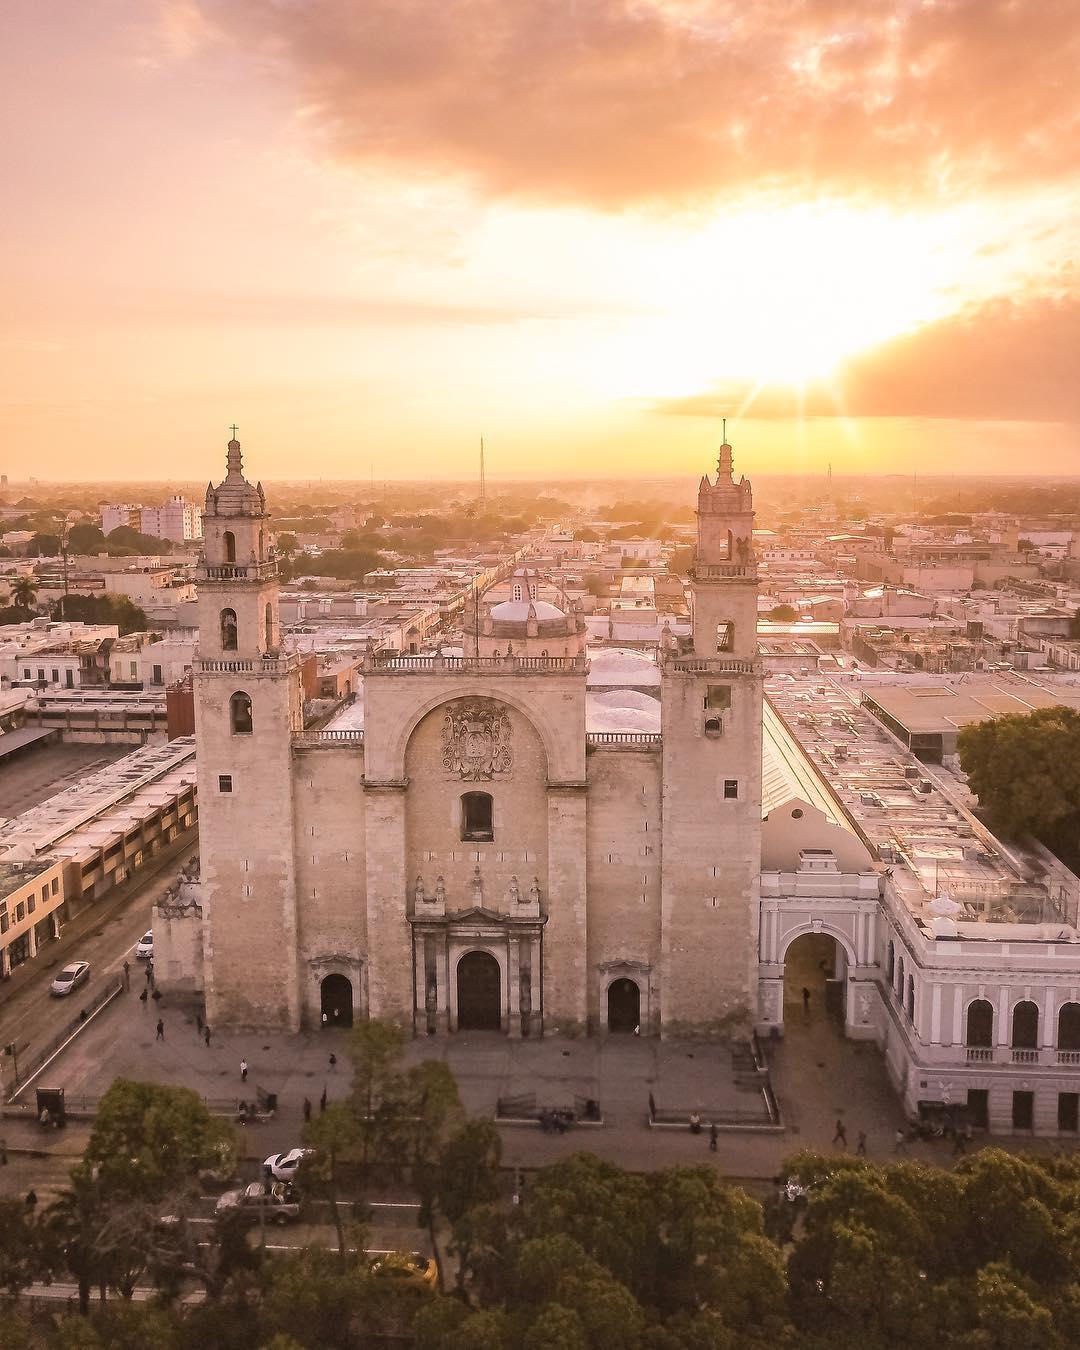 iglesias mas hermosas de yucatan, iglesia de la catedral de merida, top yucatan iglesias, top yucatan churches, iglesias de la peninsula de yucatan